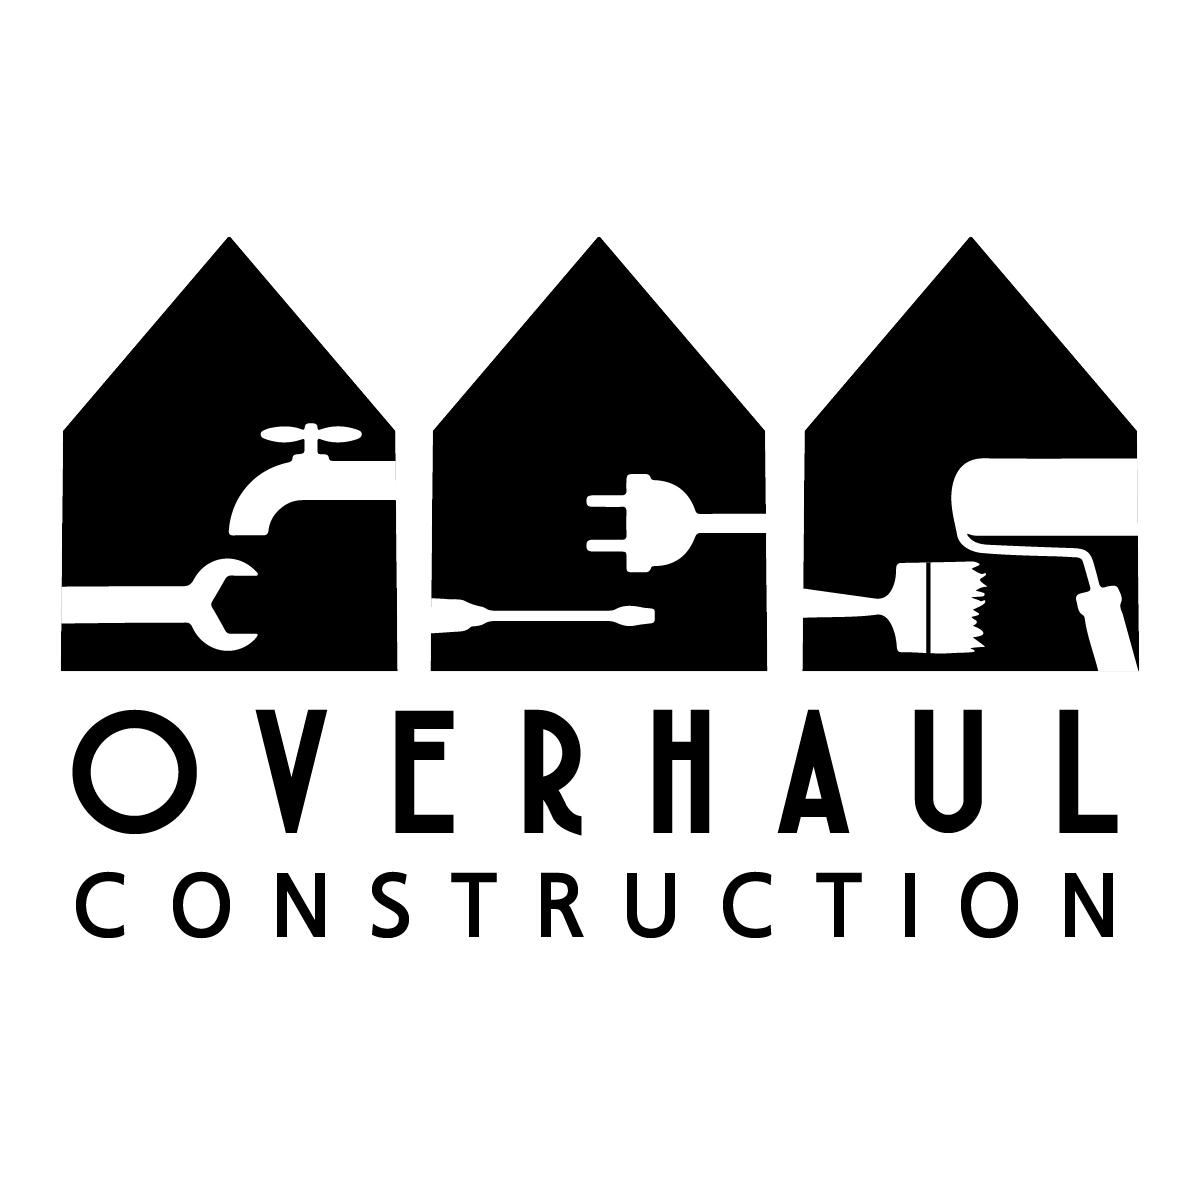 overhaul-04.jpg